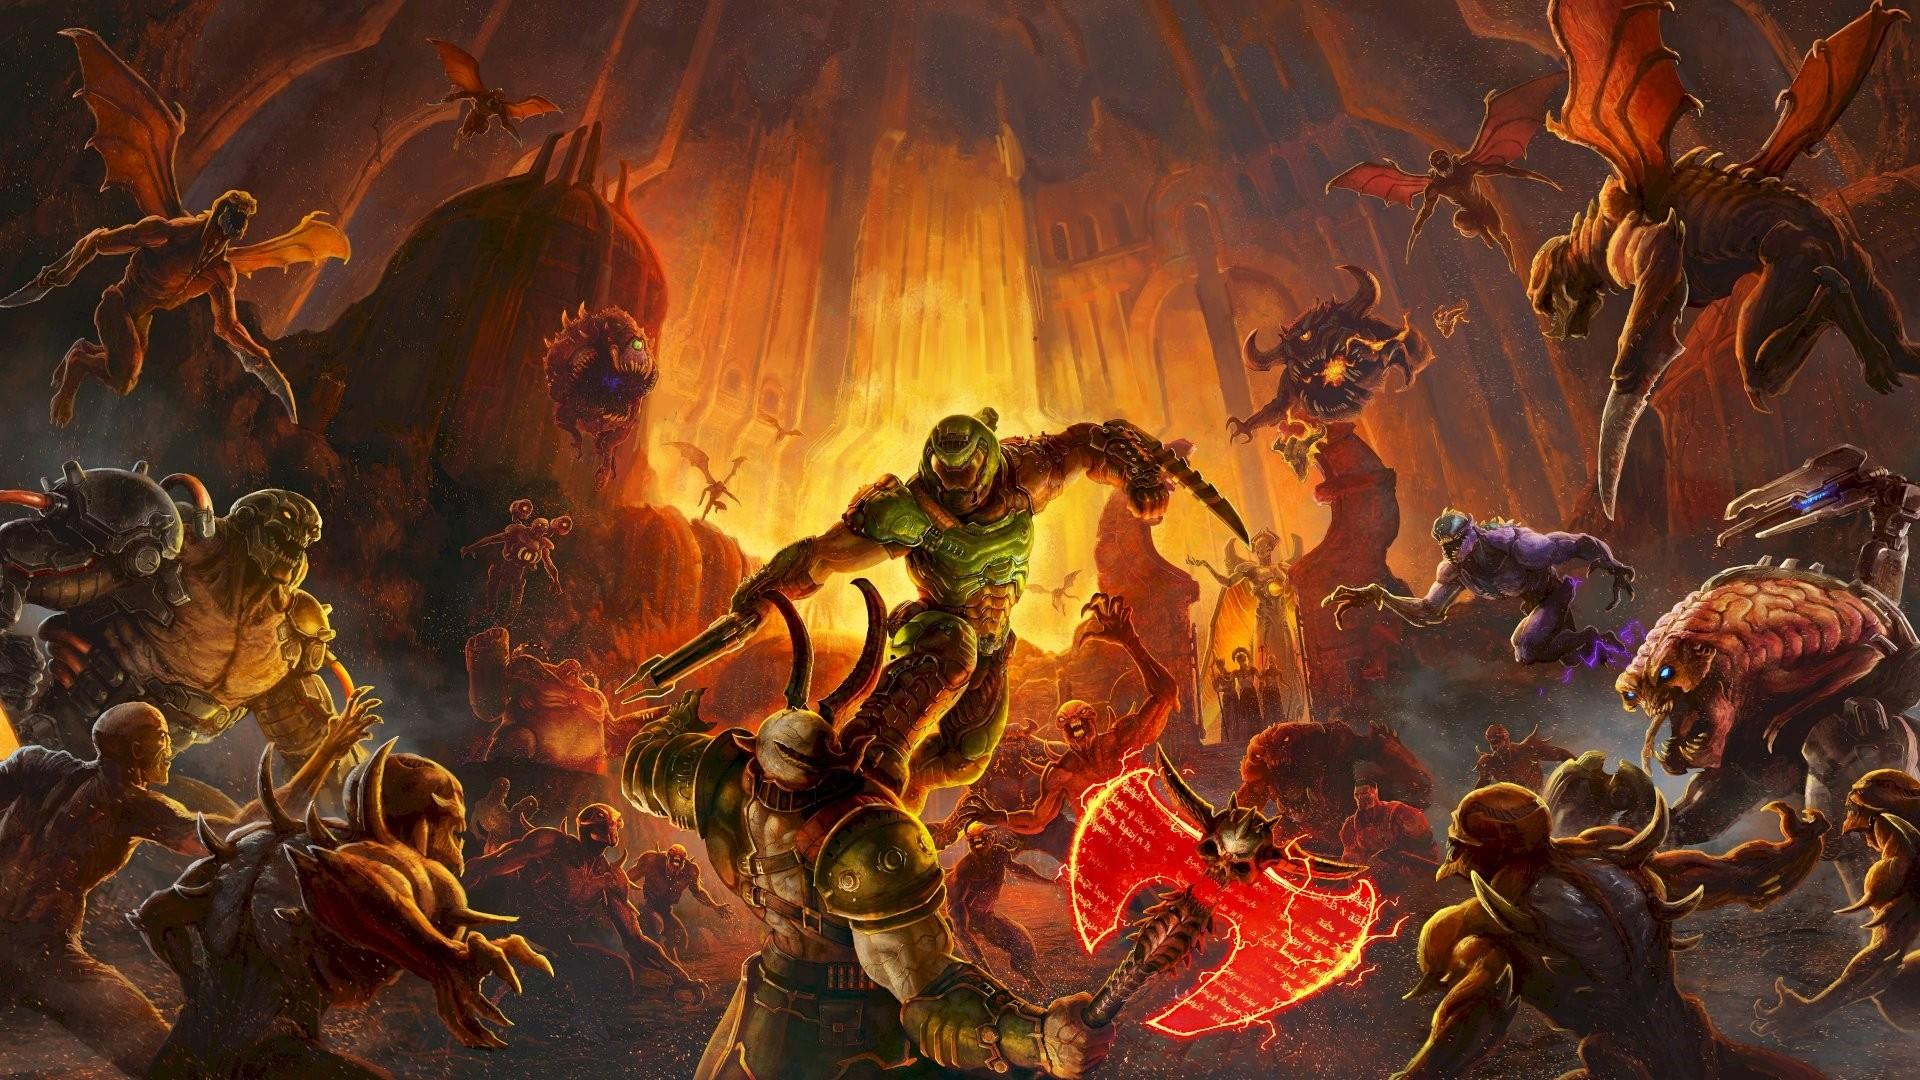 Doom Download Wallpaper